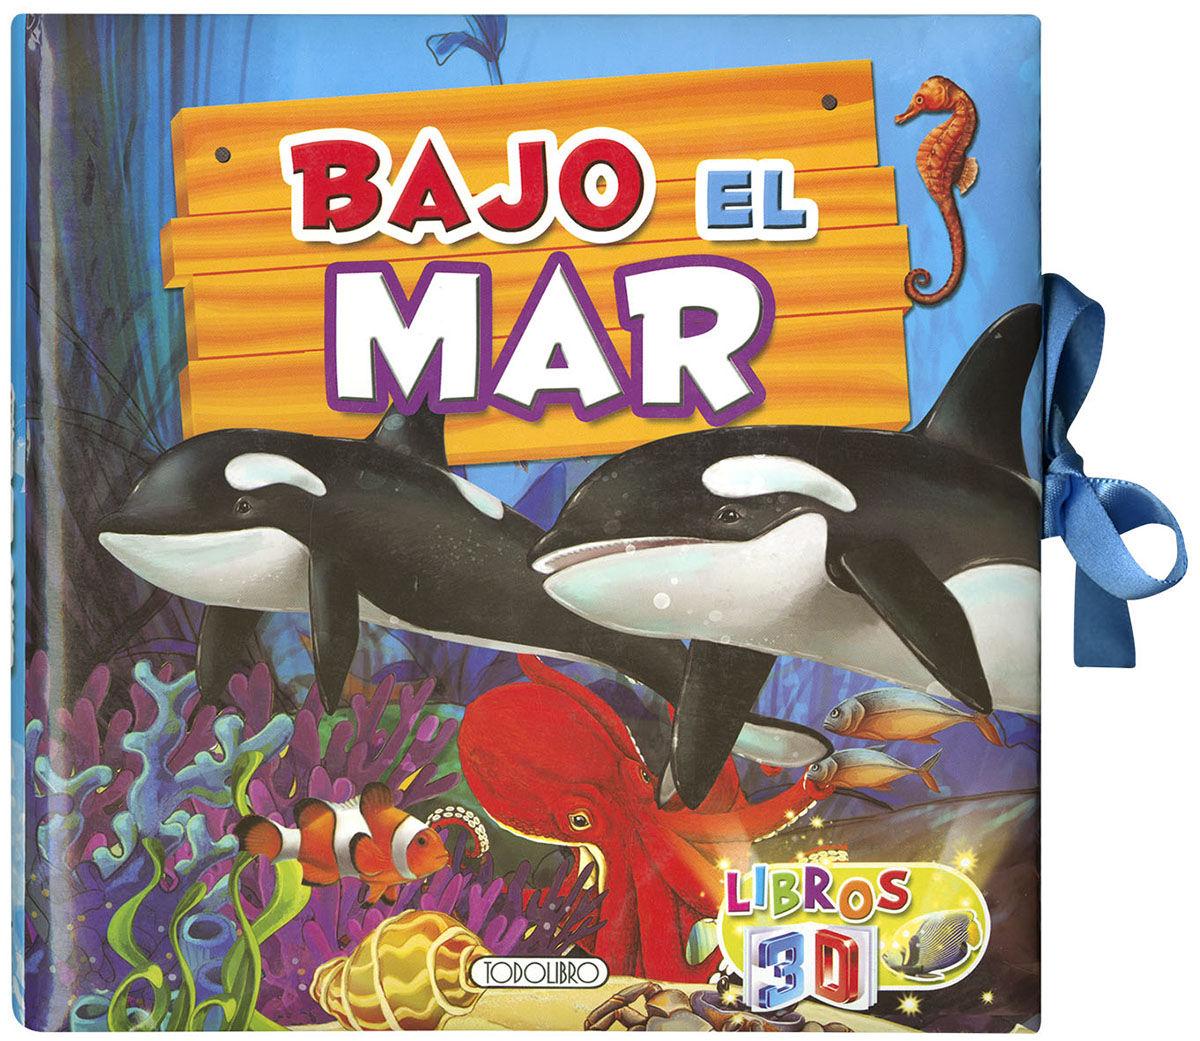 BAJO EL MAR LIBROS 3D